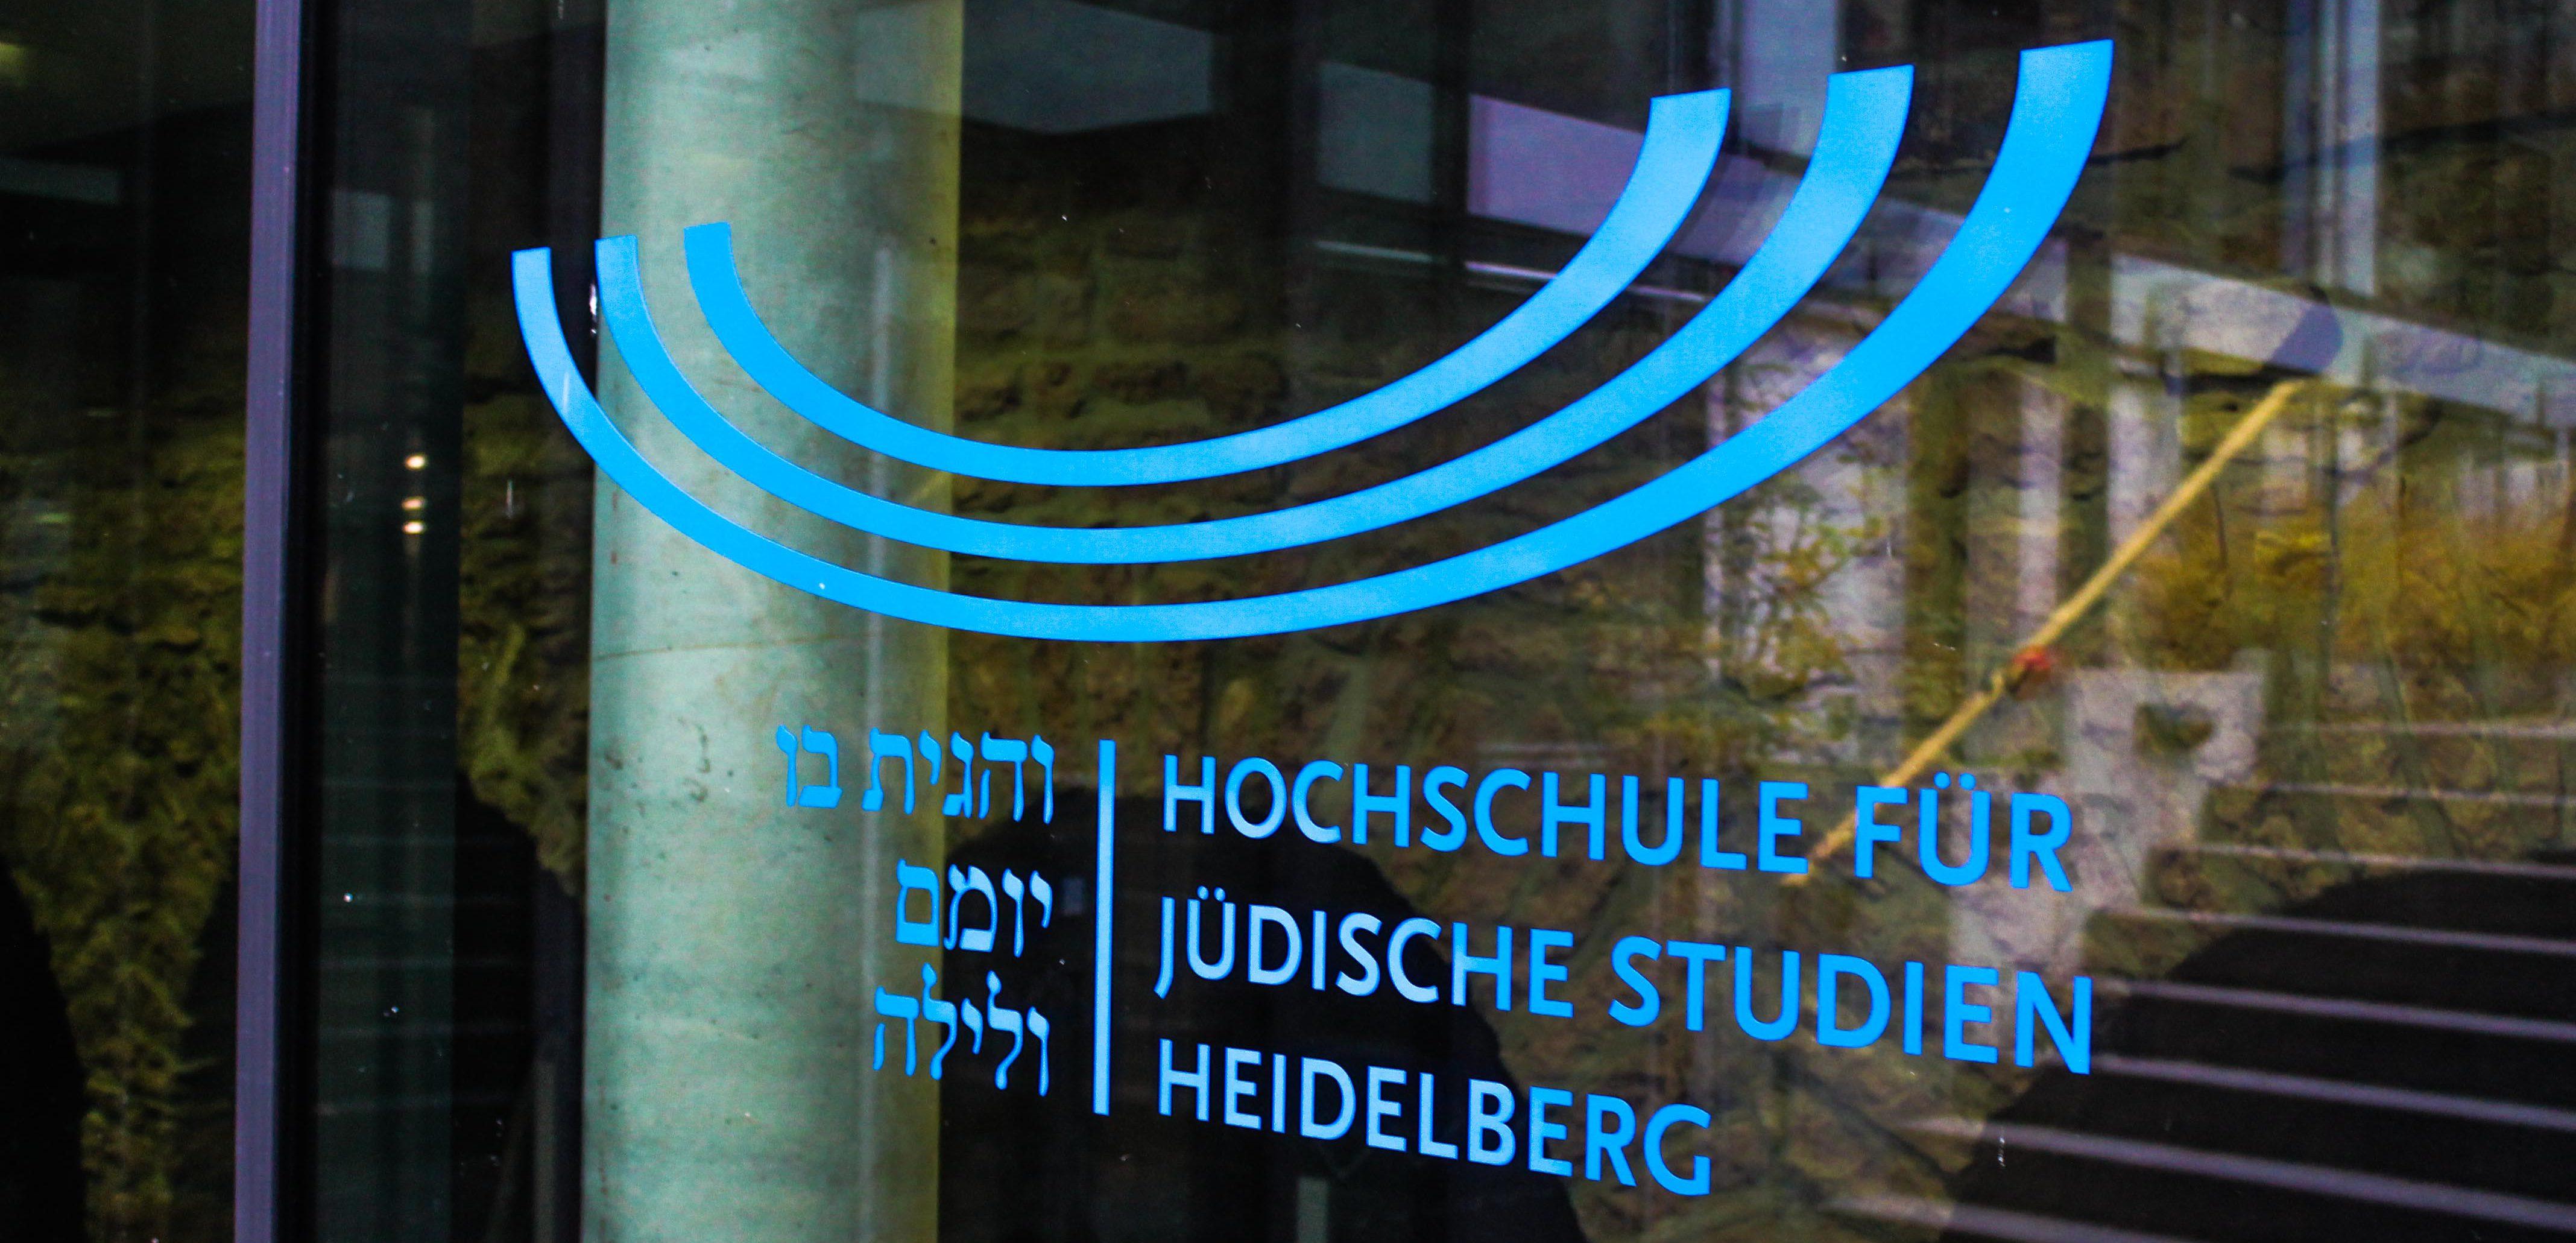 Die Hochschule für jüdische Studien in der Altstadt. (Bild: Esther Lehnardt)